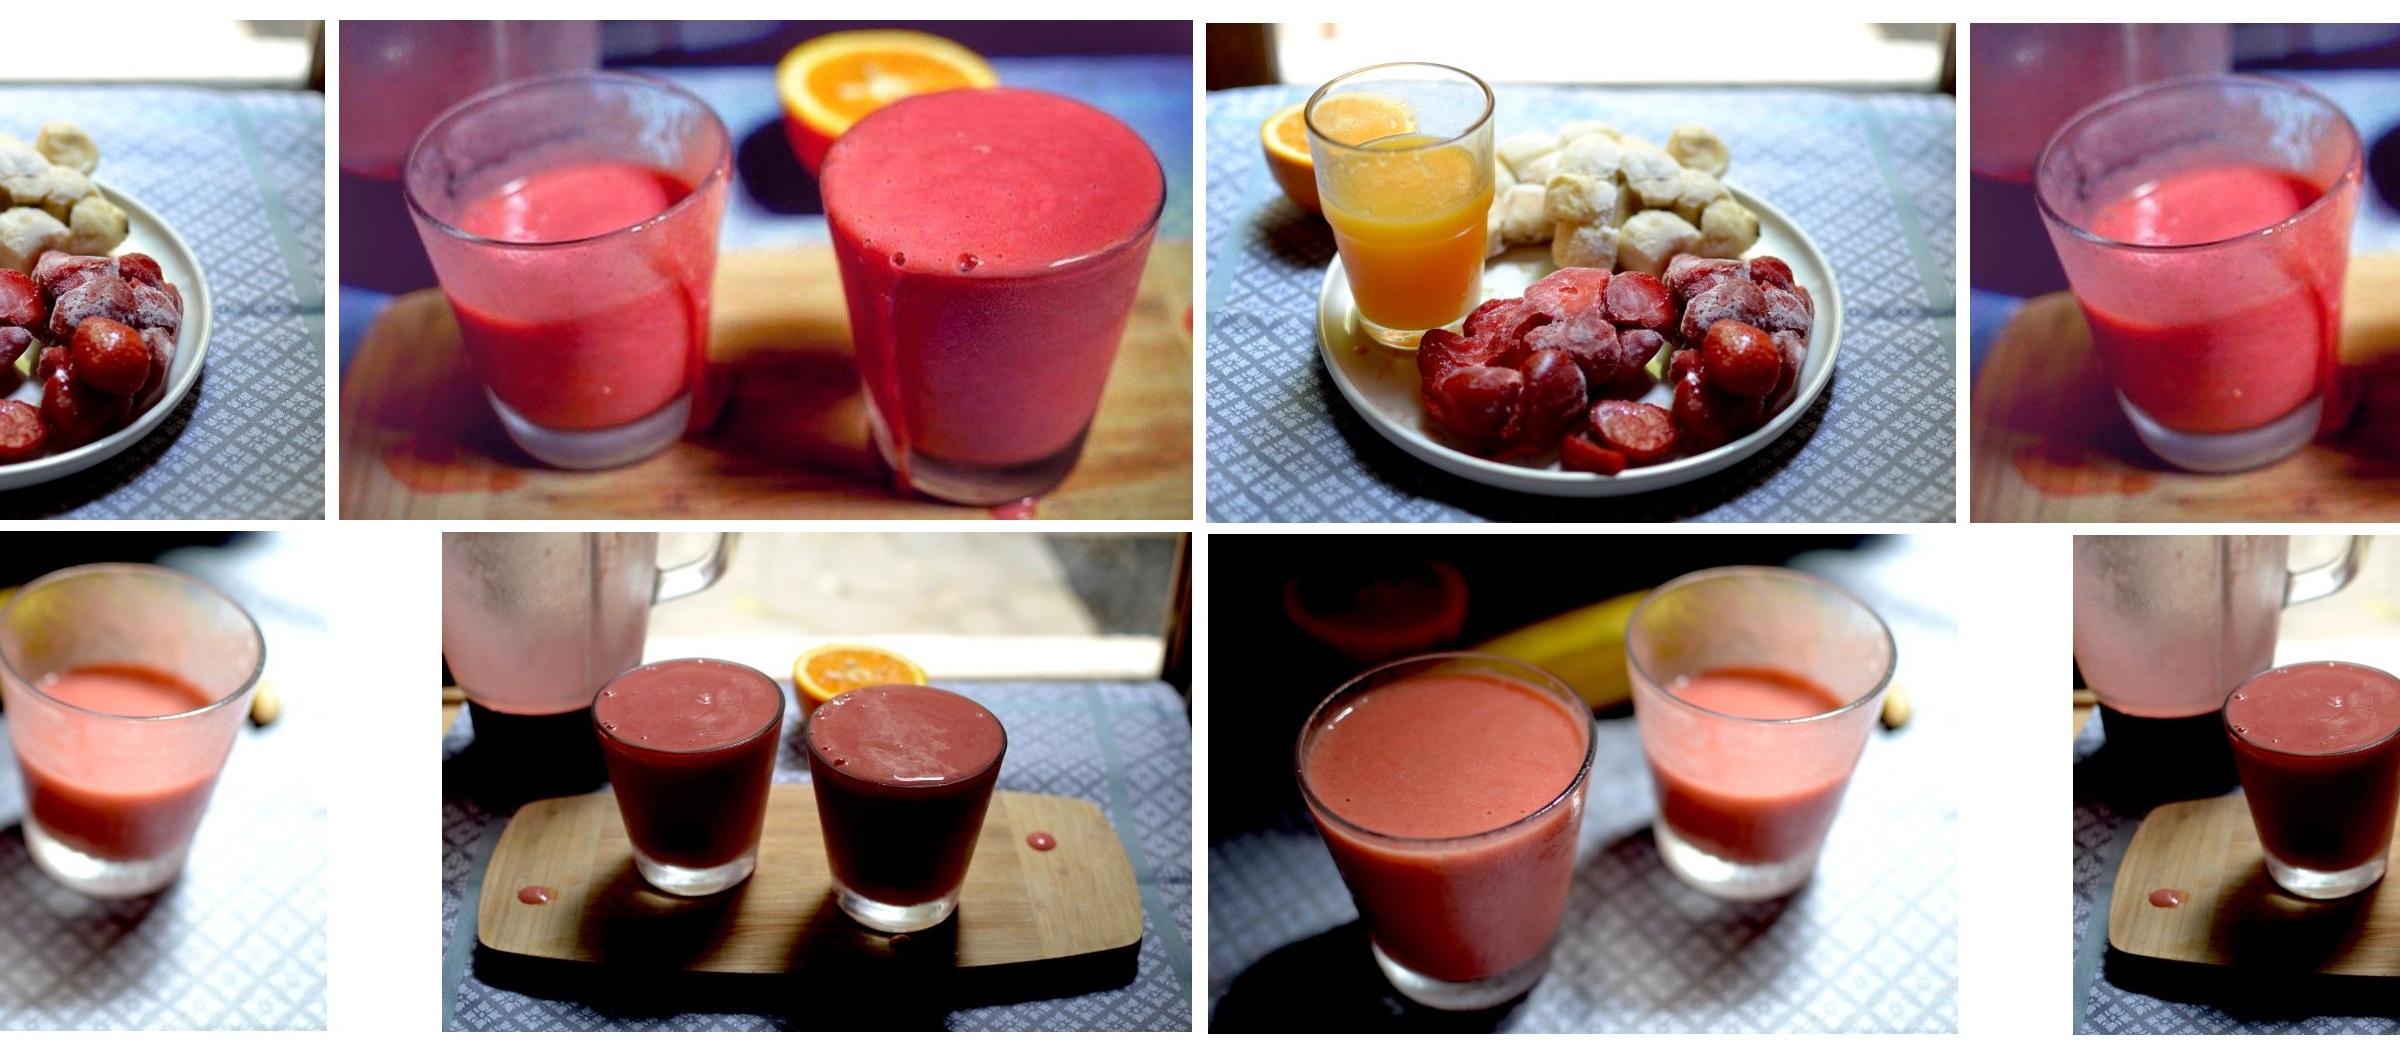 Time for Eui's sorbet via Maninio.com